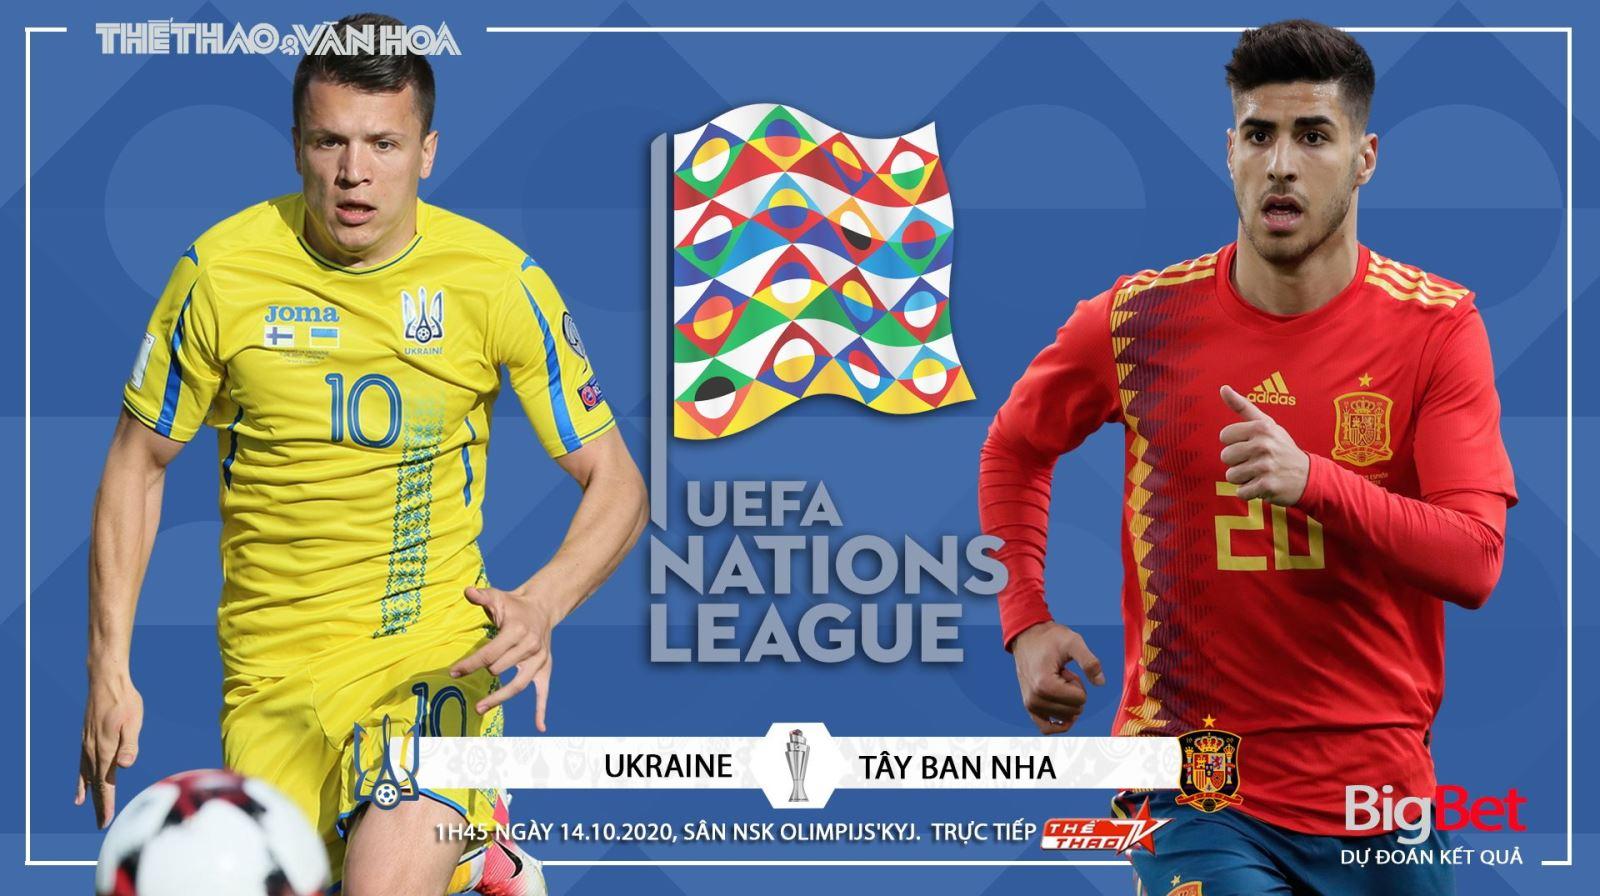 Soi kèo nhà cái. Ukraina vs Tây Ban Nha. Vòng bảng UEFA Nations League. Trực tiếp K+PM, TTTV